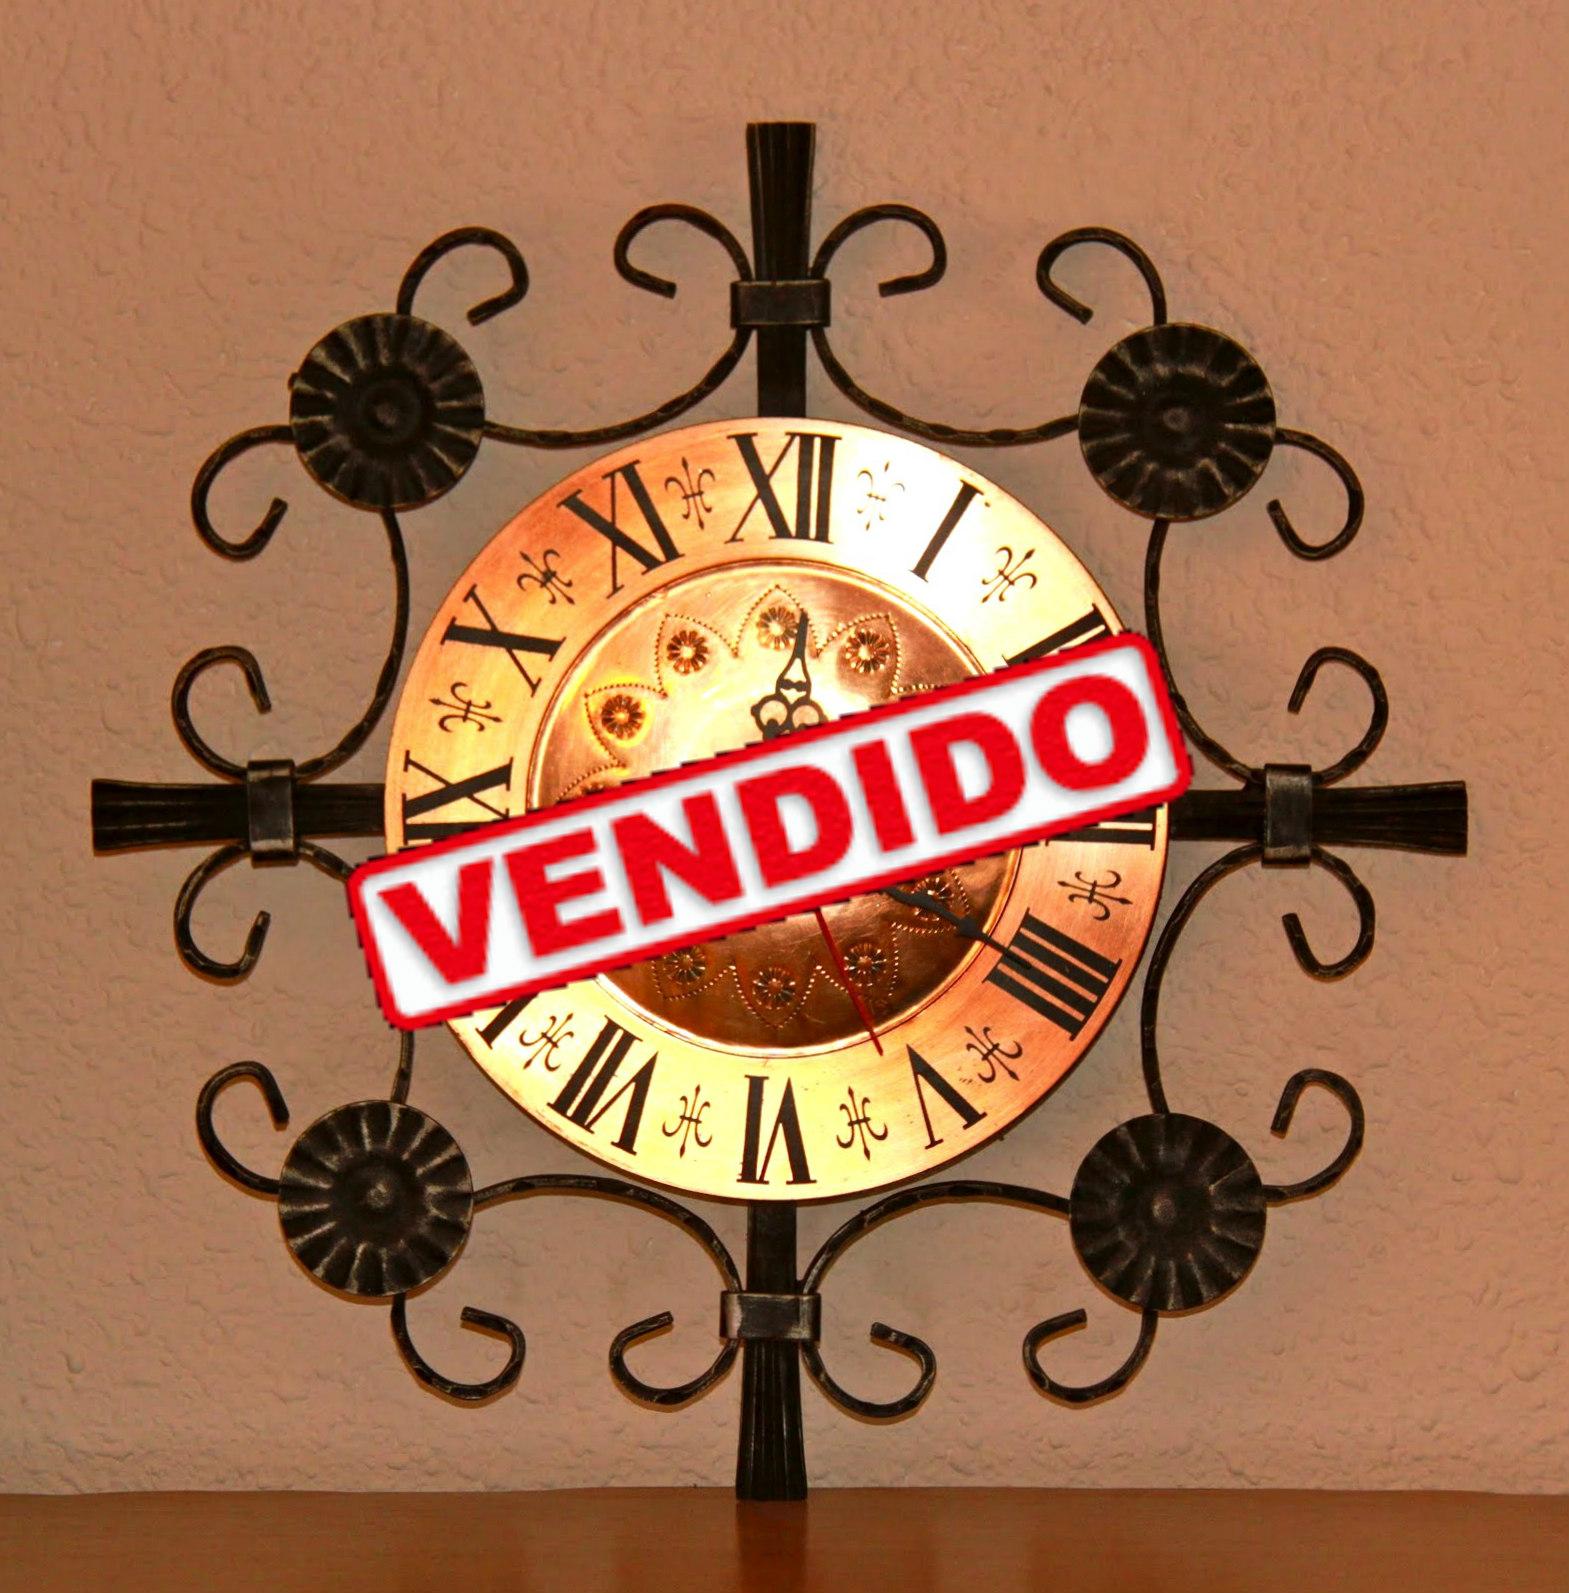 Ver el reloj vintage vendido anteriormente